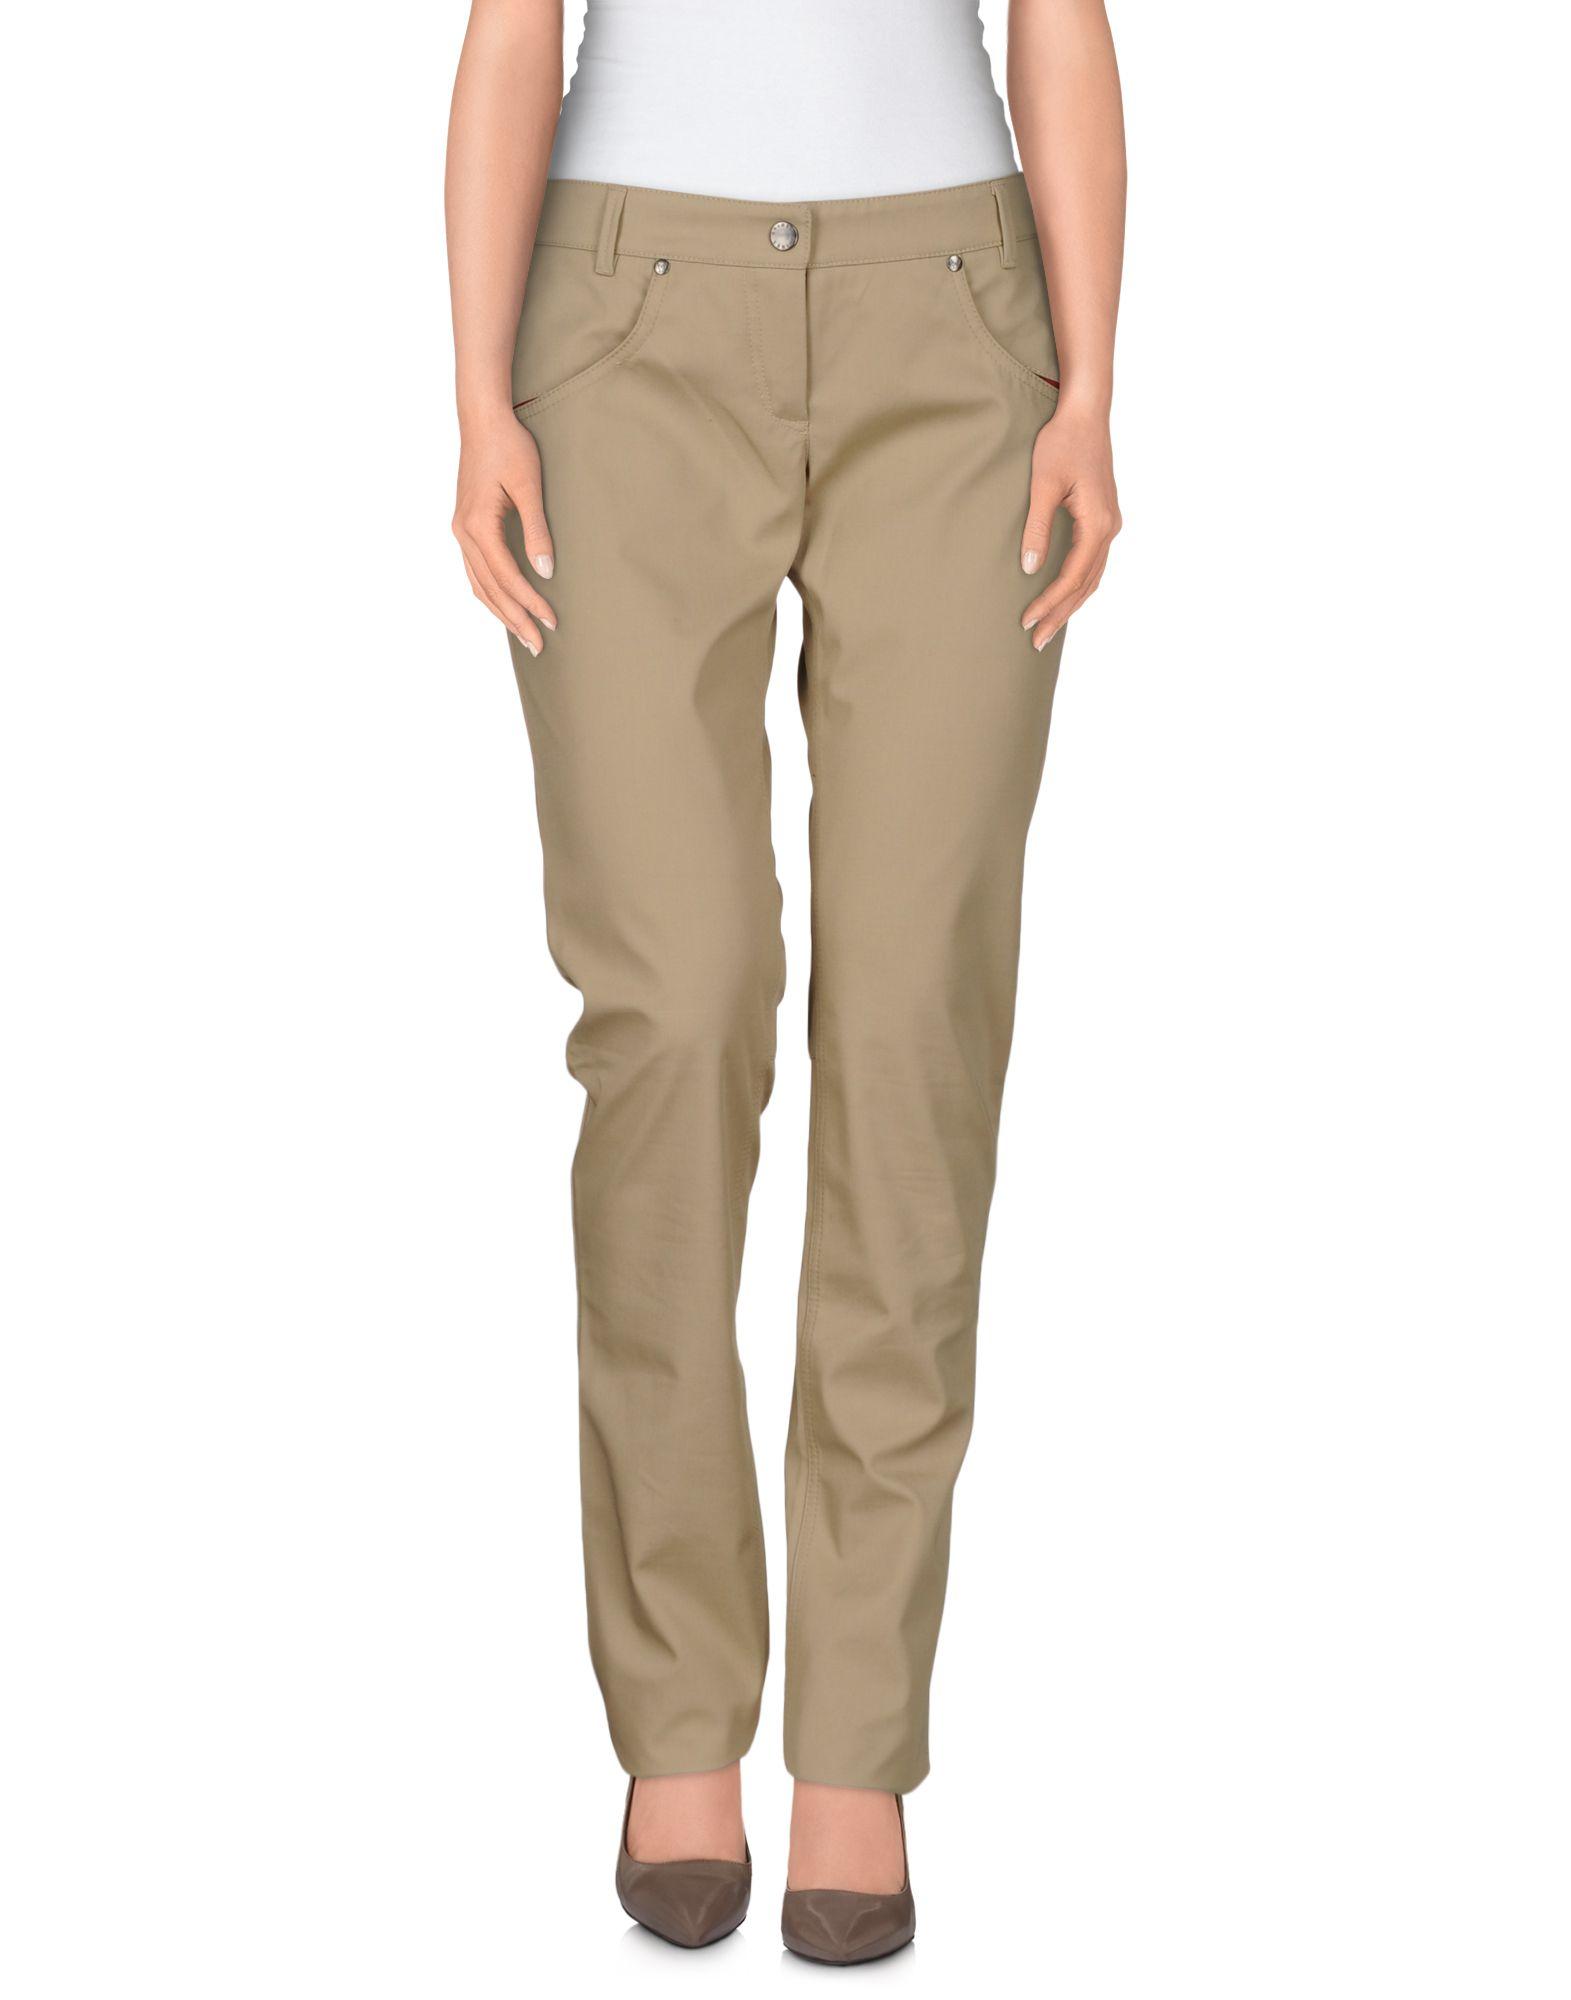 цены на AVIREX Повседневные брюки в интернет-магазинах